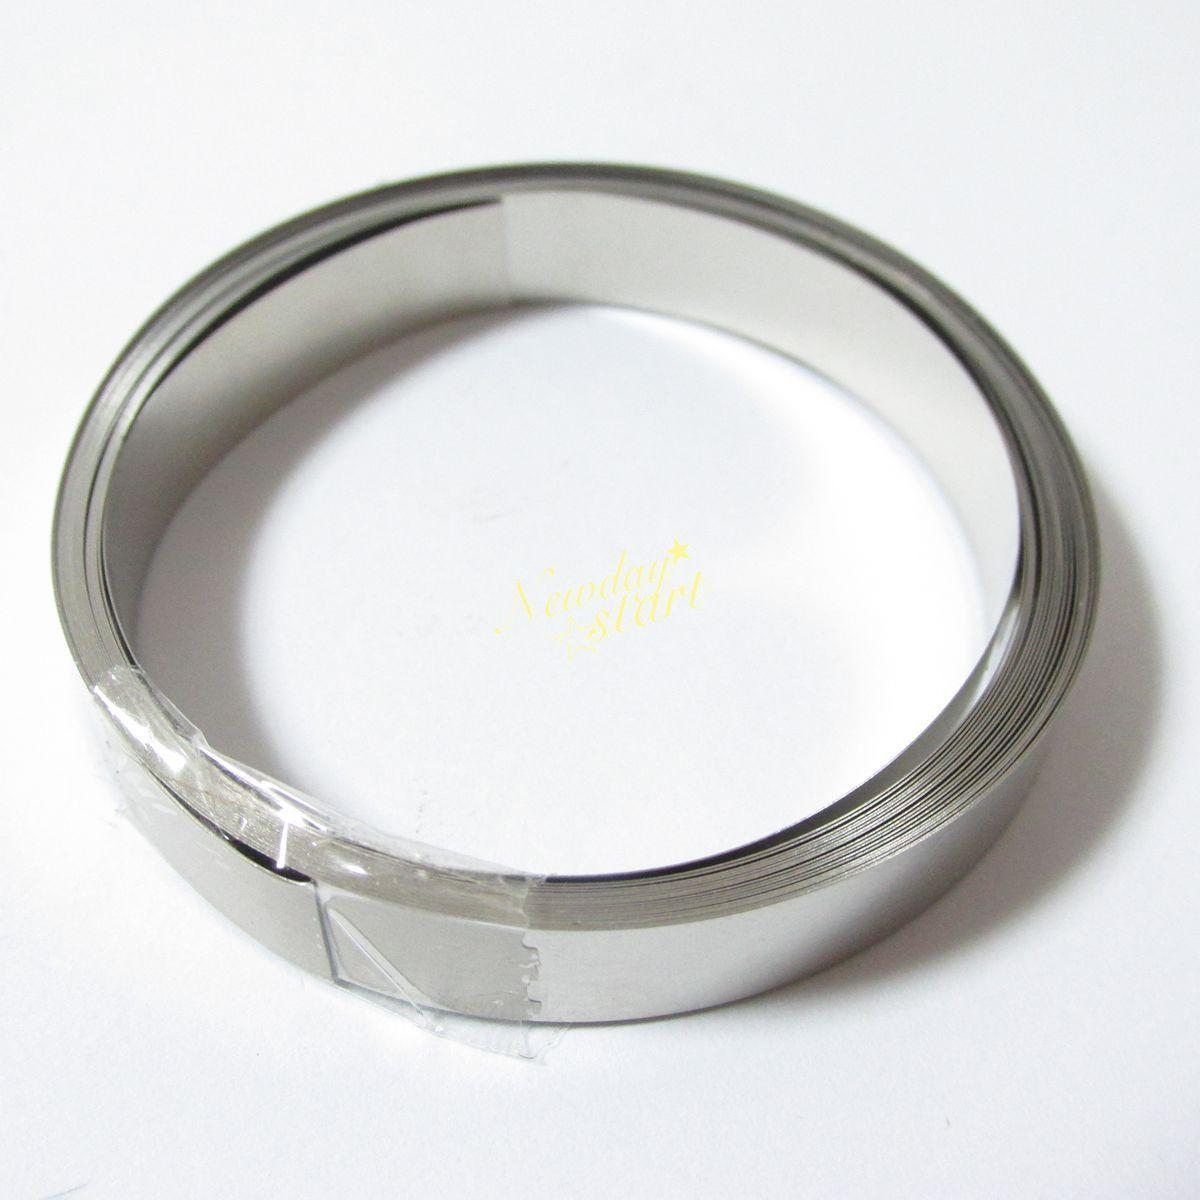 Cinta de tira de placa de níquel de 10 metros para batería Li 18650 Spot Welding-8mm * 0,1mm al por mayor